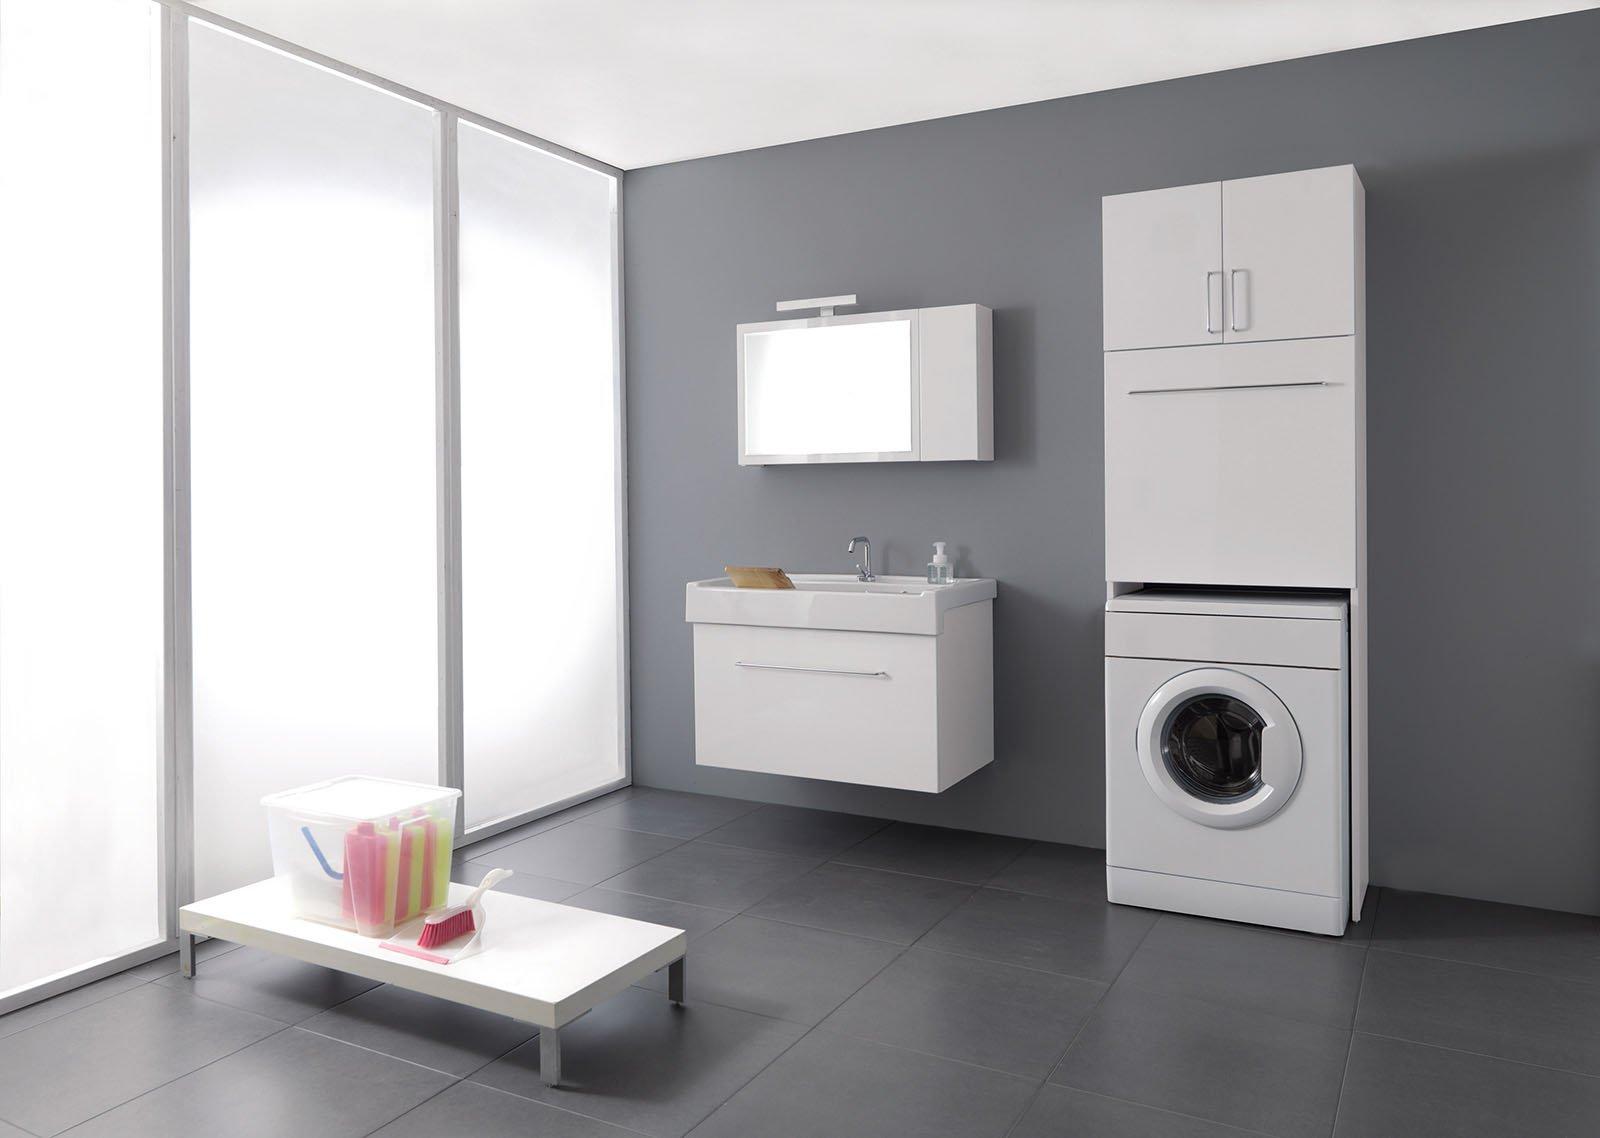 La lavanderia uno spazio per nascondere lavatrice e for Armadio bagno ikea